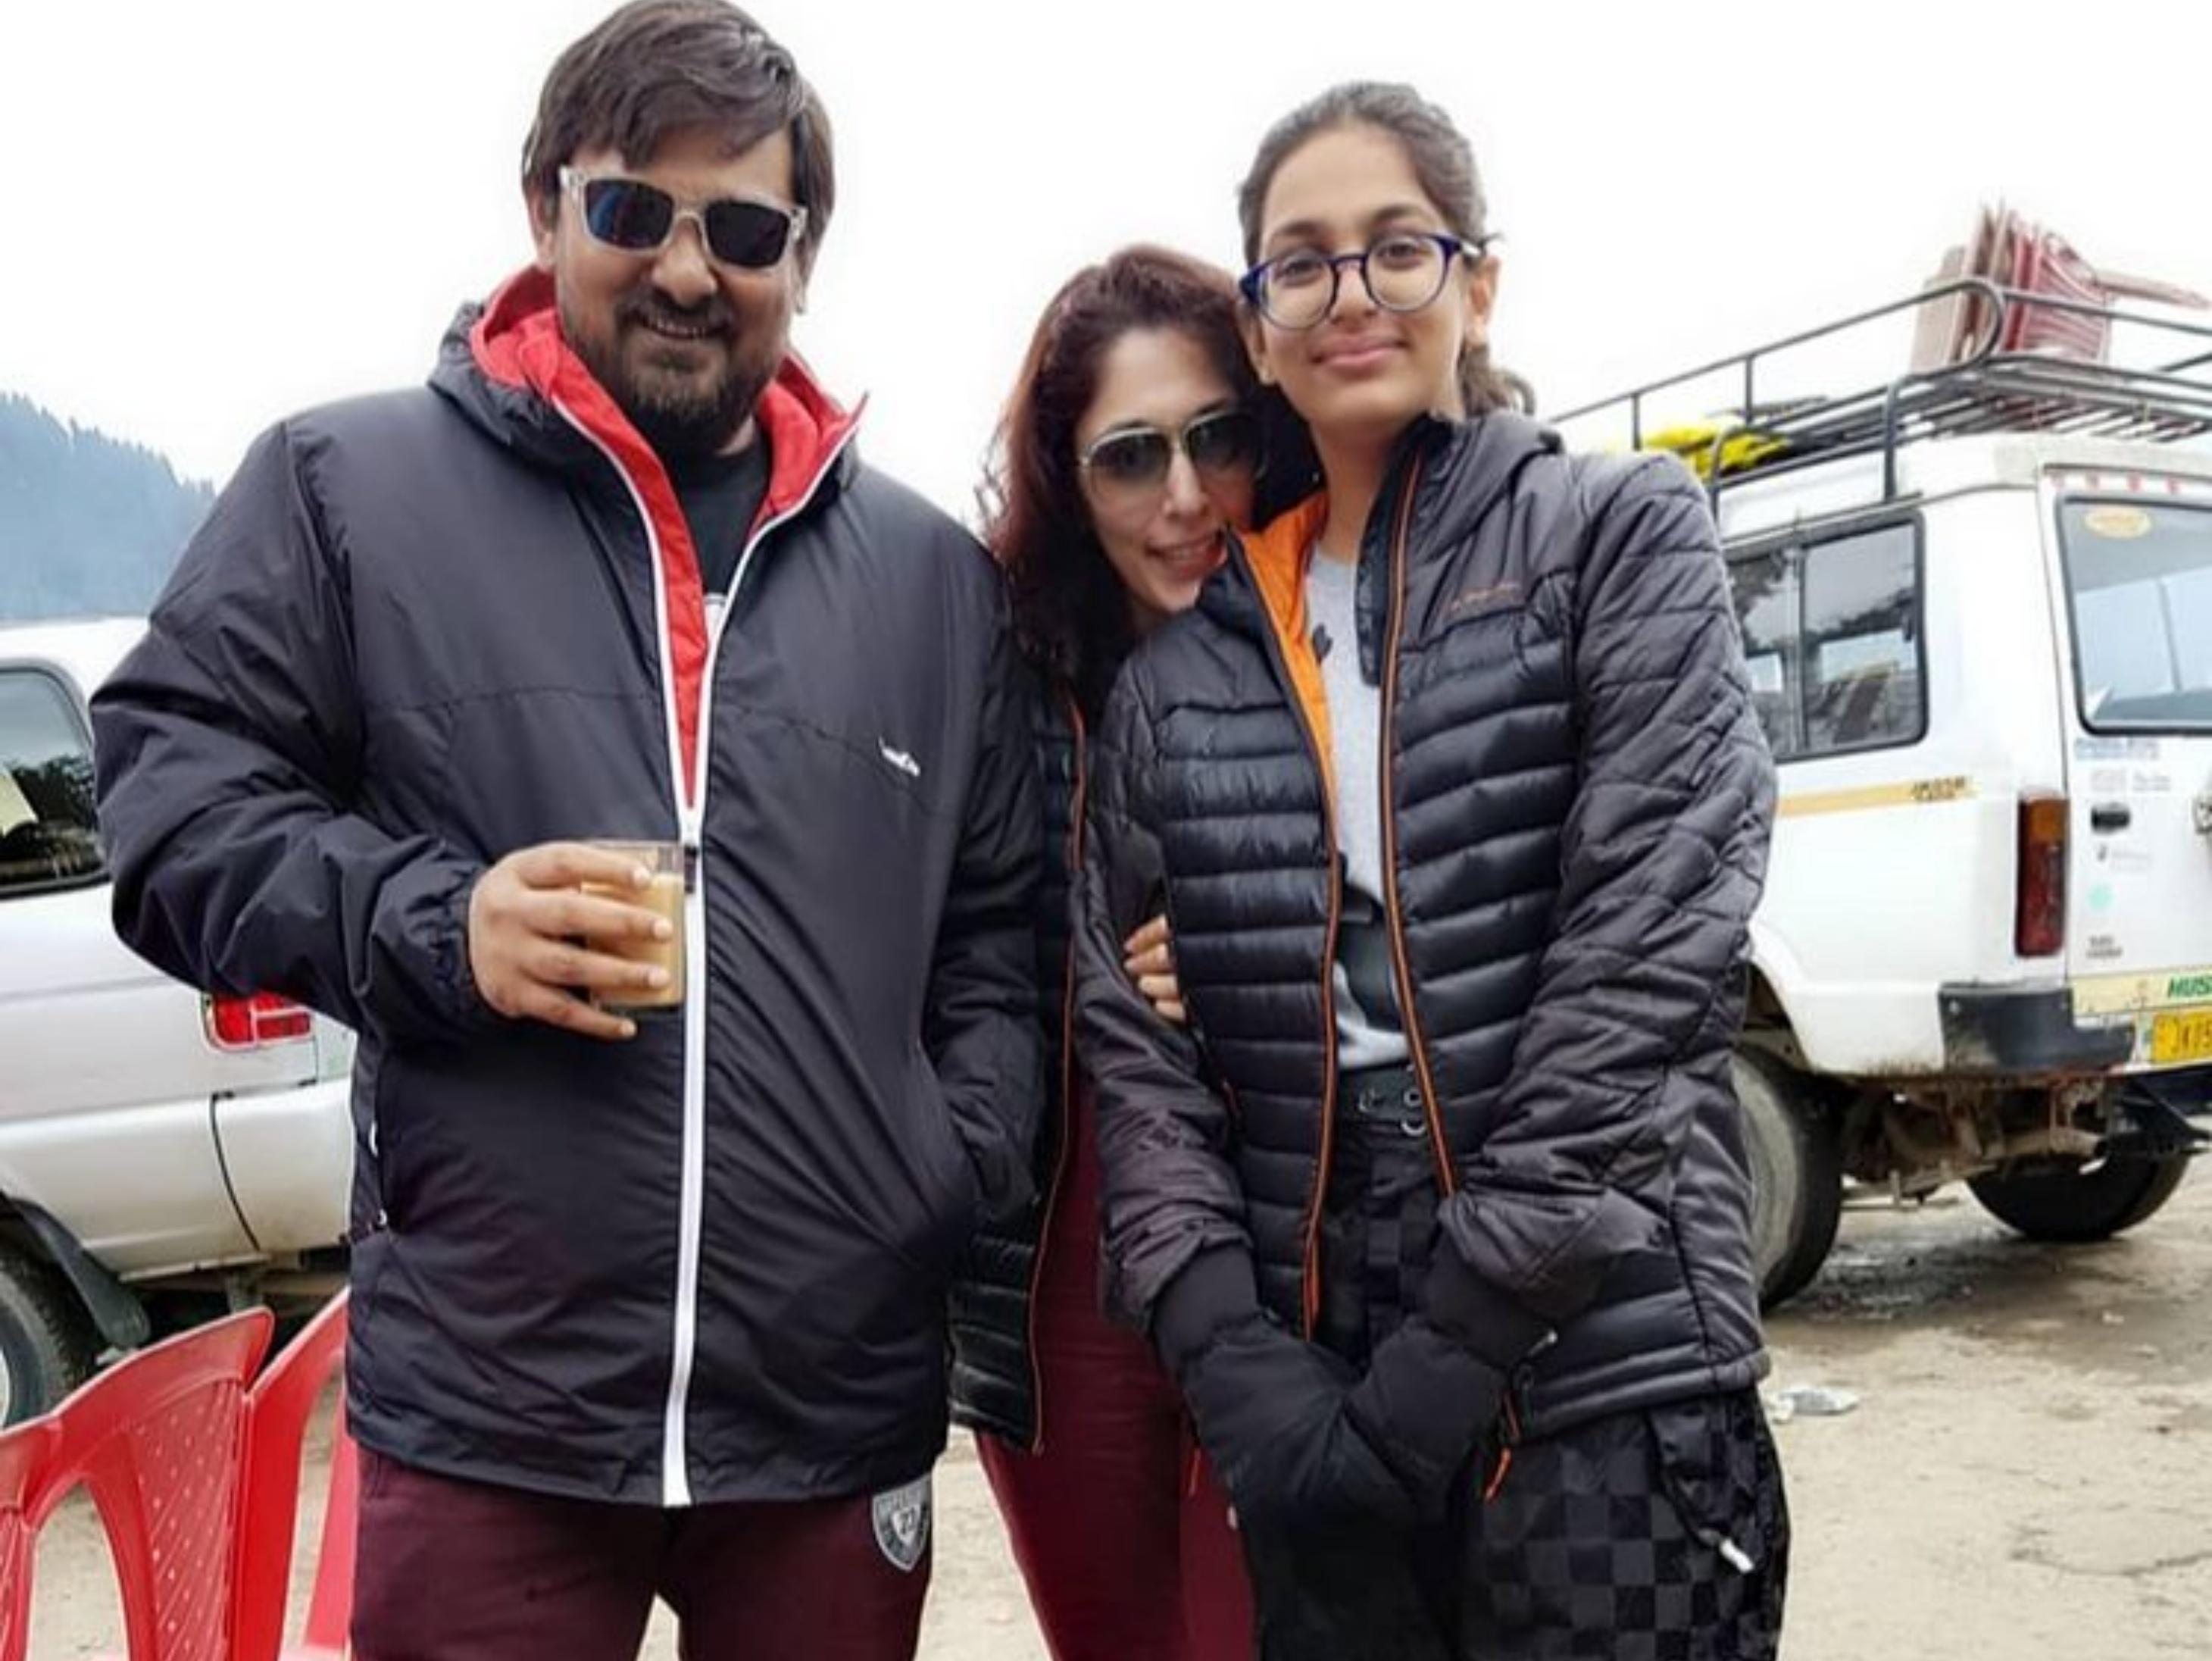 दिवगंत वाजिद की पत्नी पहुंची बॉम्बे हाई कोर्ट, भाई साजिद बोले- हमें प्रॉपर्टी में कोई दिलचस्पी नहीं, कमलरुख की नीयत बिगड़ गई|बॉलीवुड,Bollywood - Dainik Bhaskar